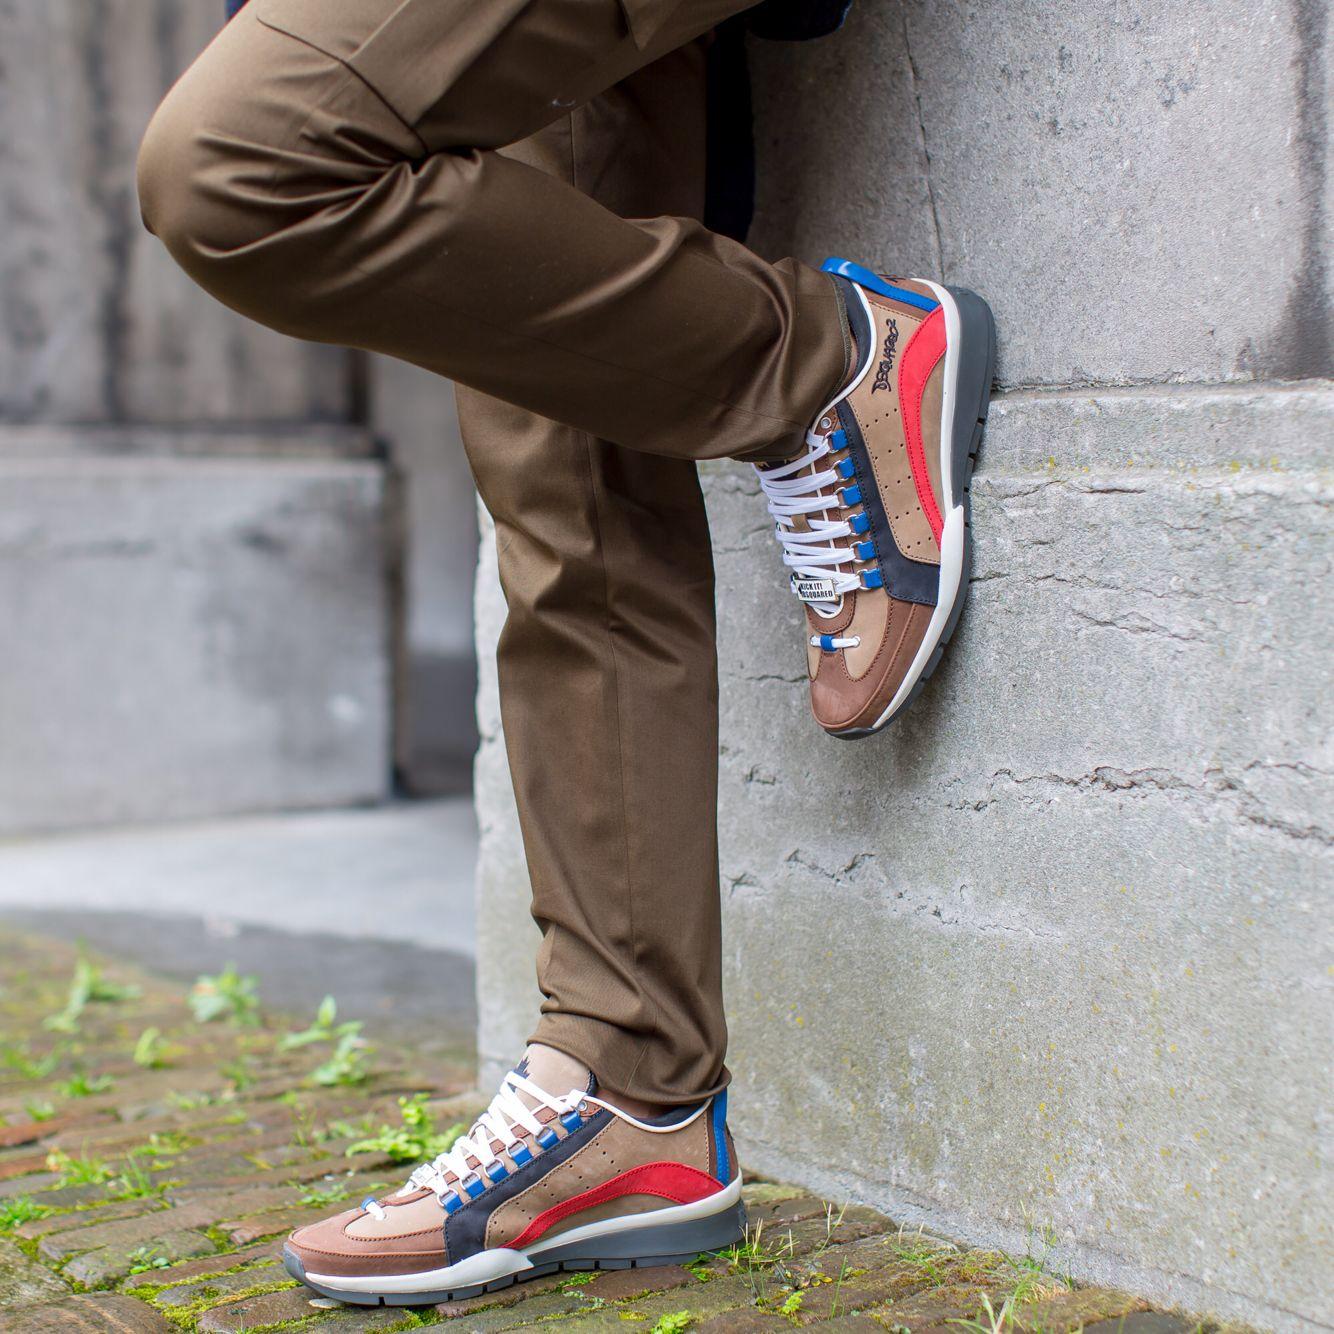 9ab87326a288 Erstaunlicher Preis Online Dsquared2 Sneaker 551 Günstig Kaufen Angebot  Zahlen Mit Paypal Günstig Online Günstig Kaufen